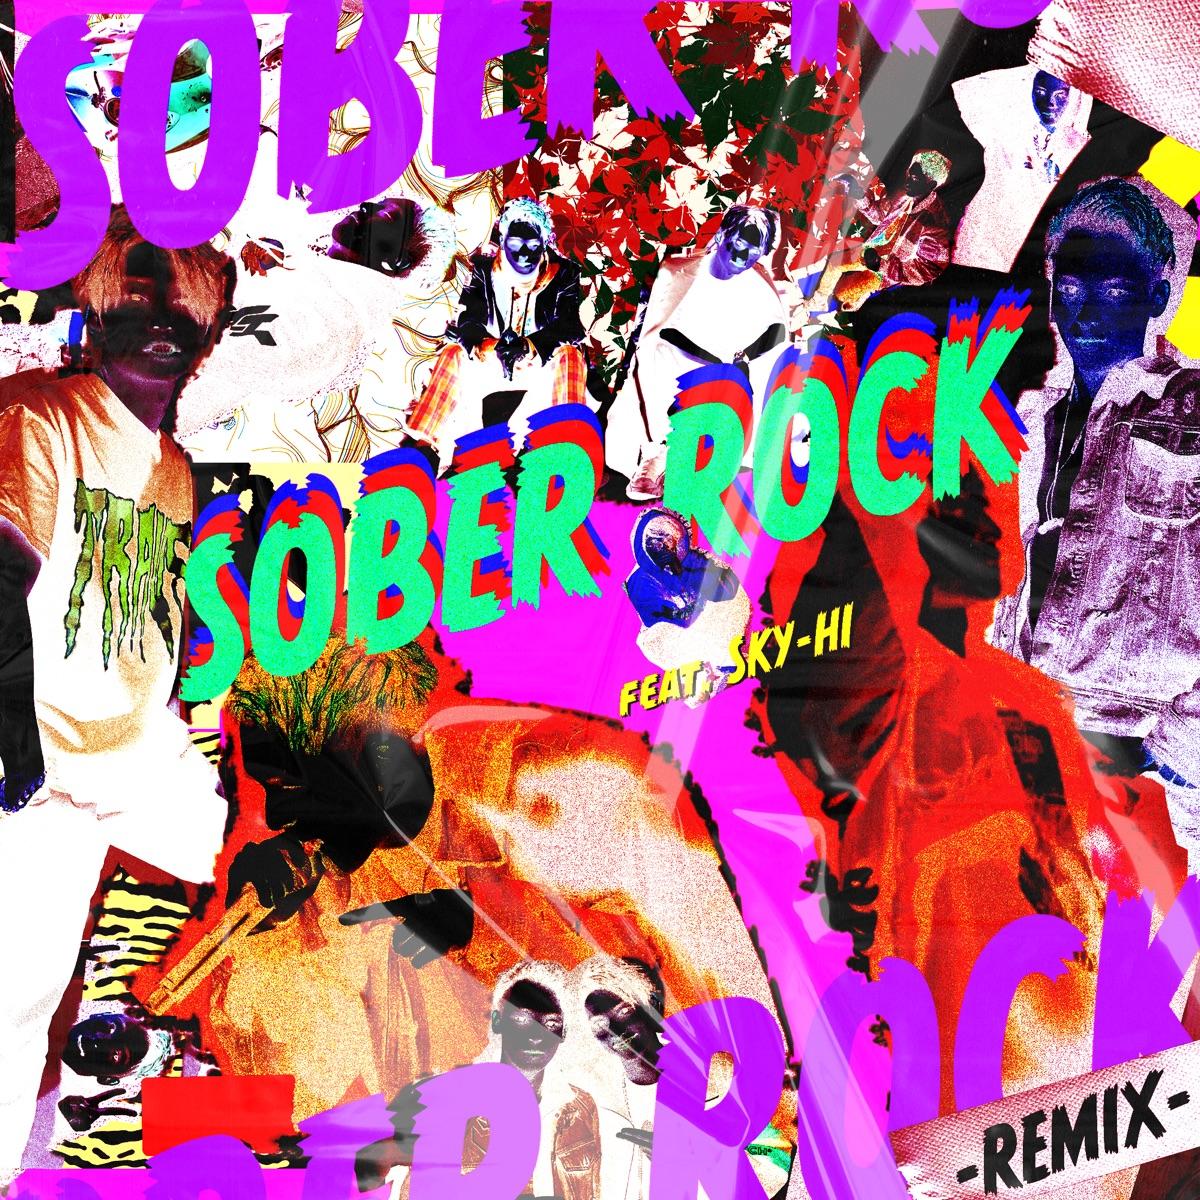 『Novel Core - SOBER ROCK -Remix- feat. SKY-HI 歌詞』収録の『SOBER ROCK -Remix- feat. SKY-HI』ジャケット